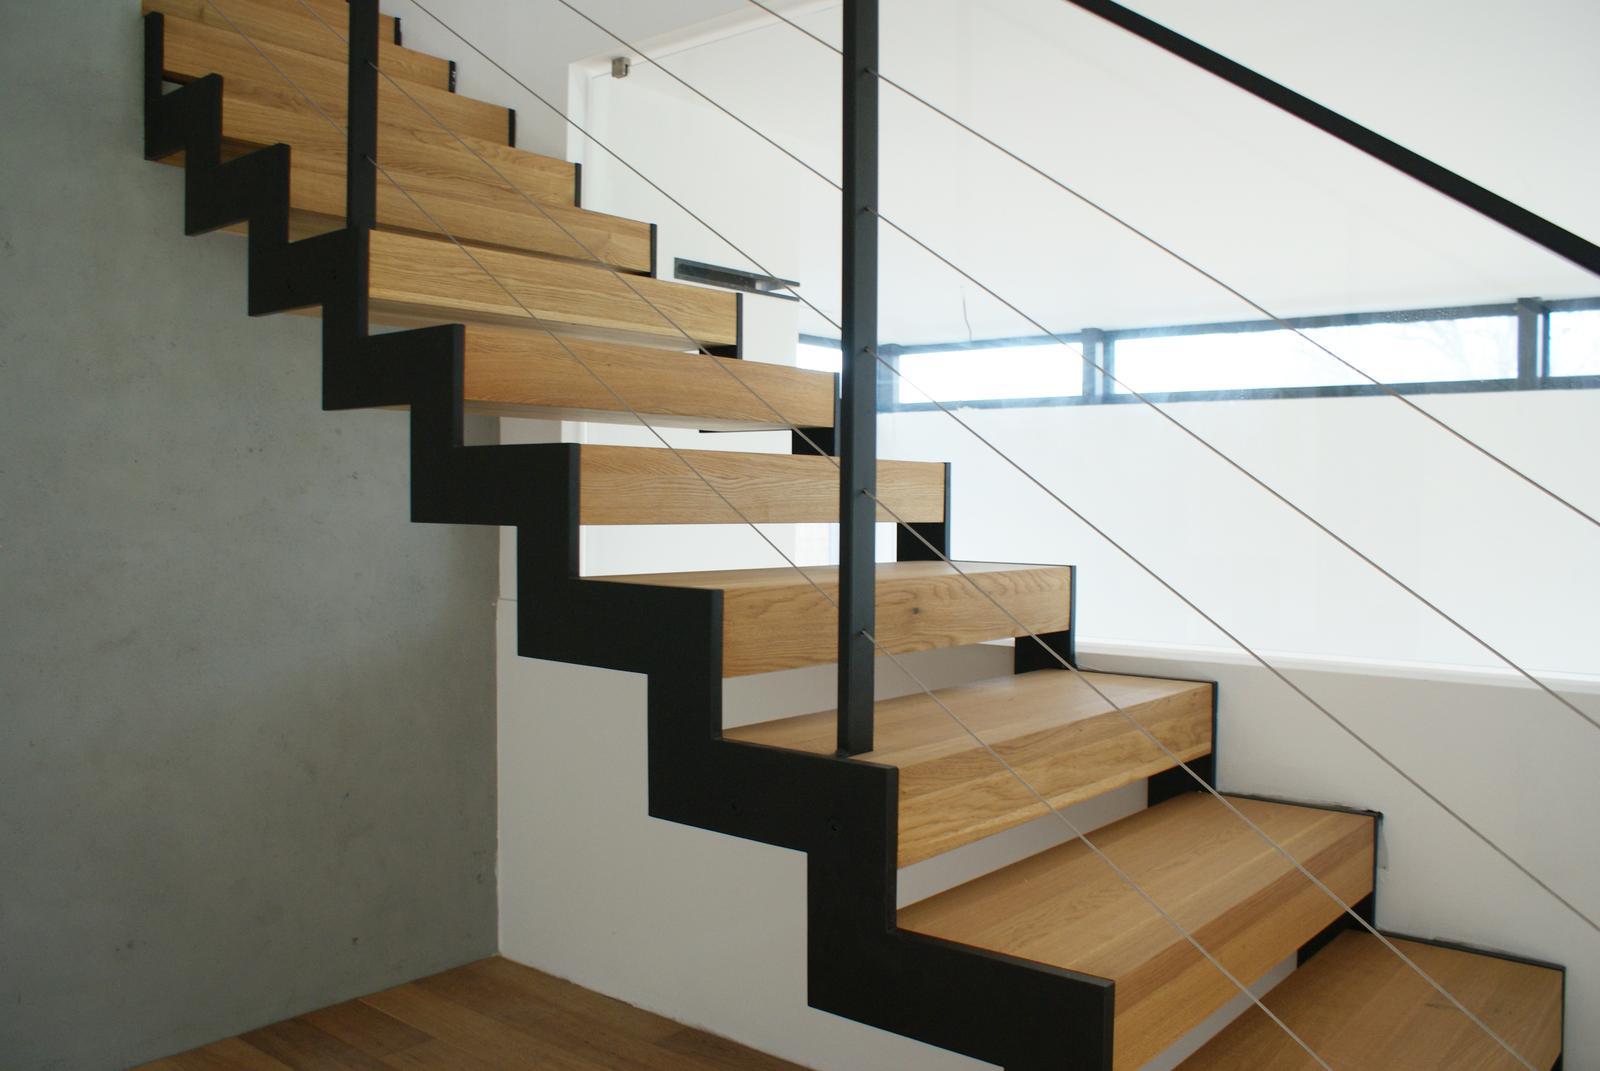 Masívne dubové schodisko - Masívne dubové schodisko s oceľovou konštrukciou